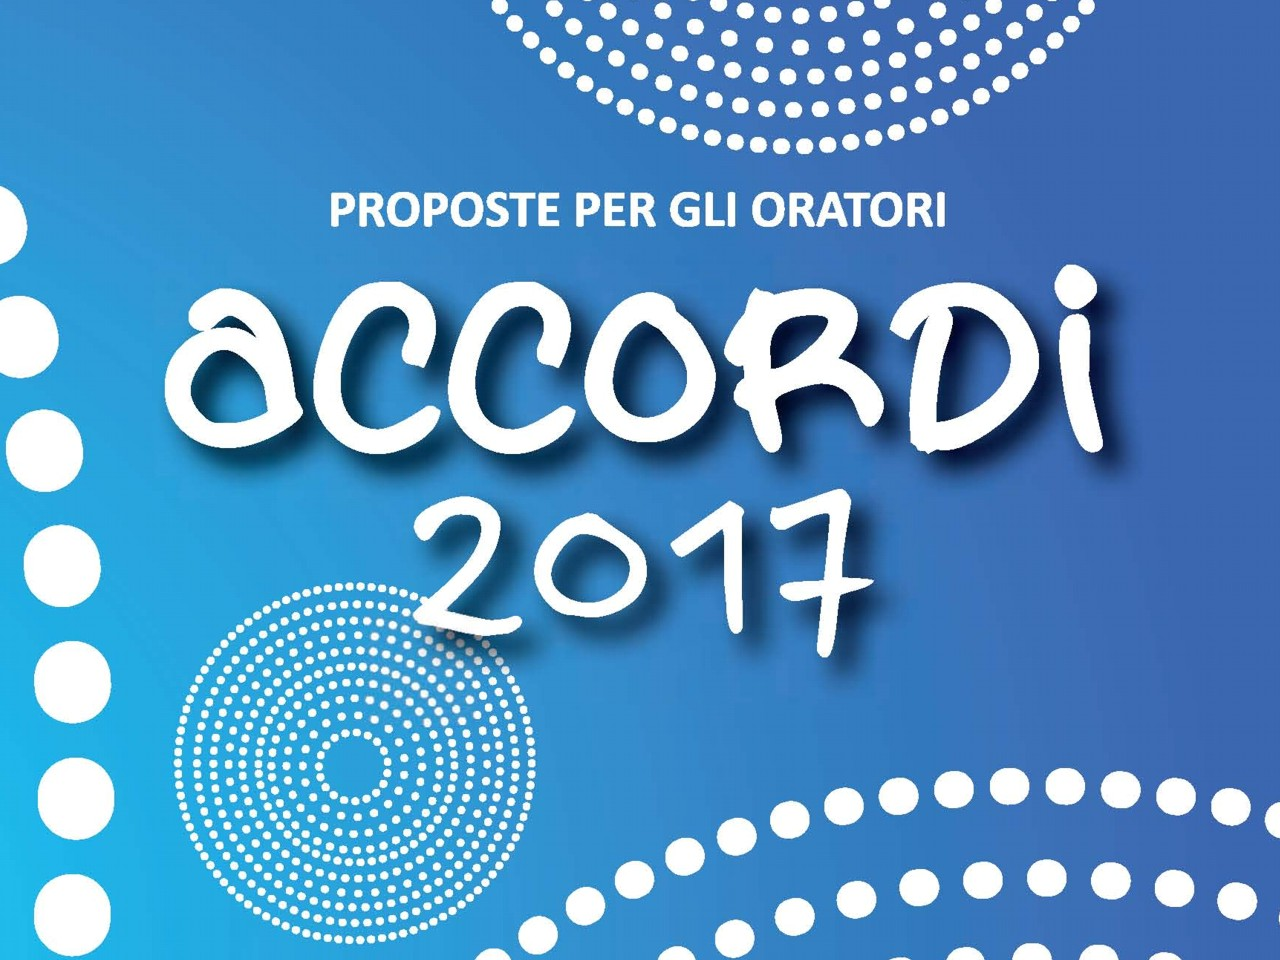 accordi_2017_sito